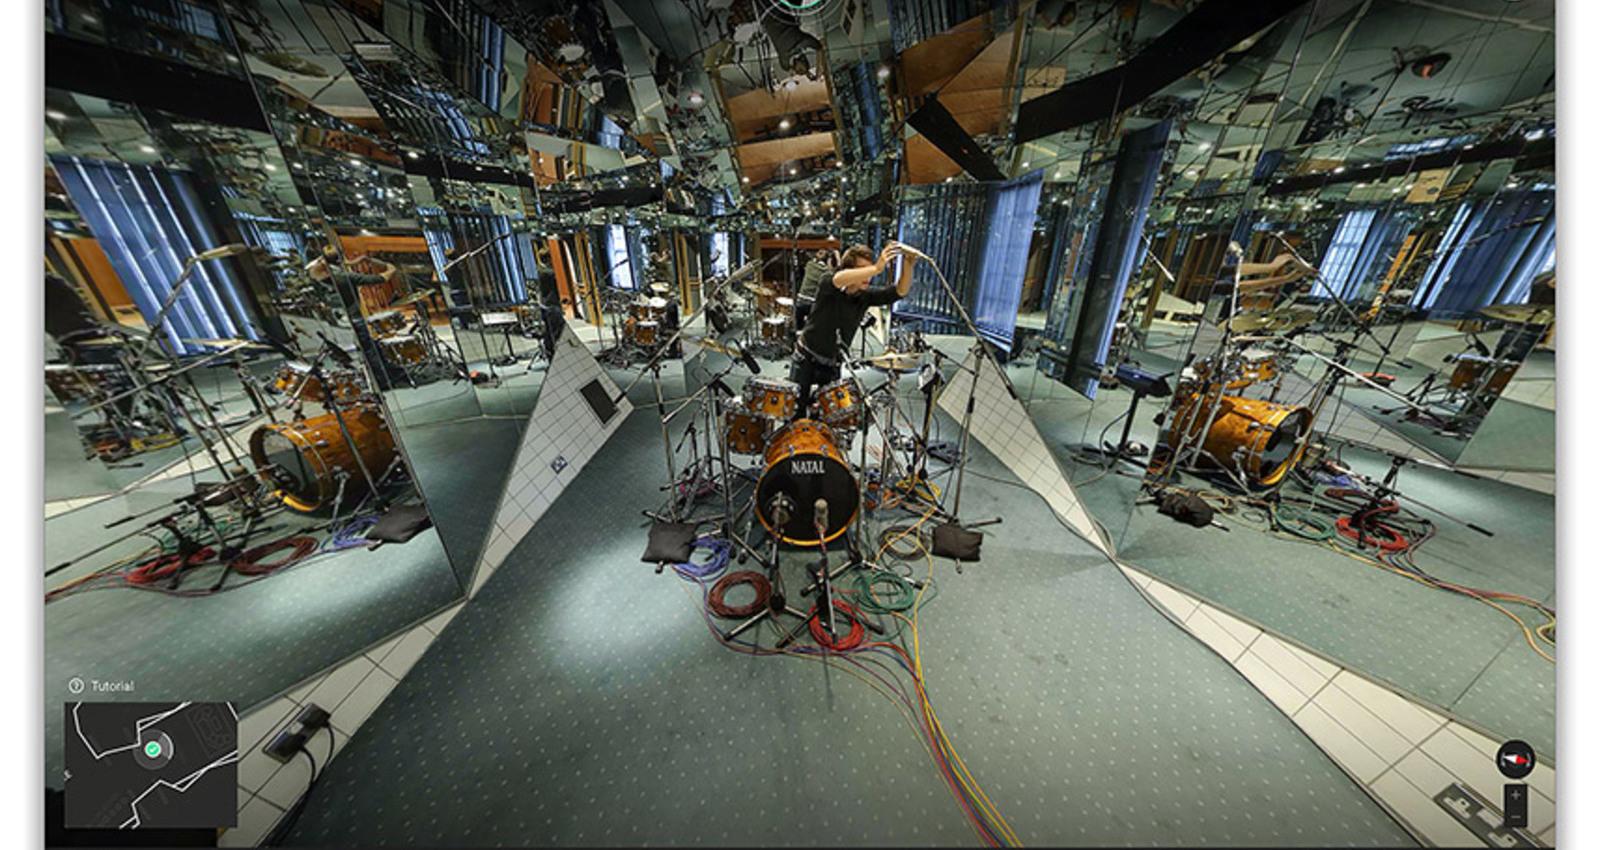 Inside Abbey Road